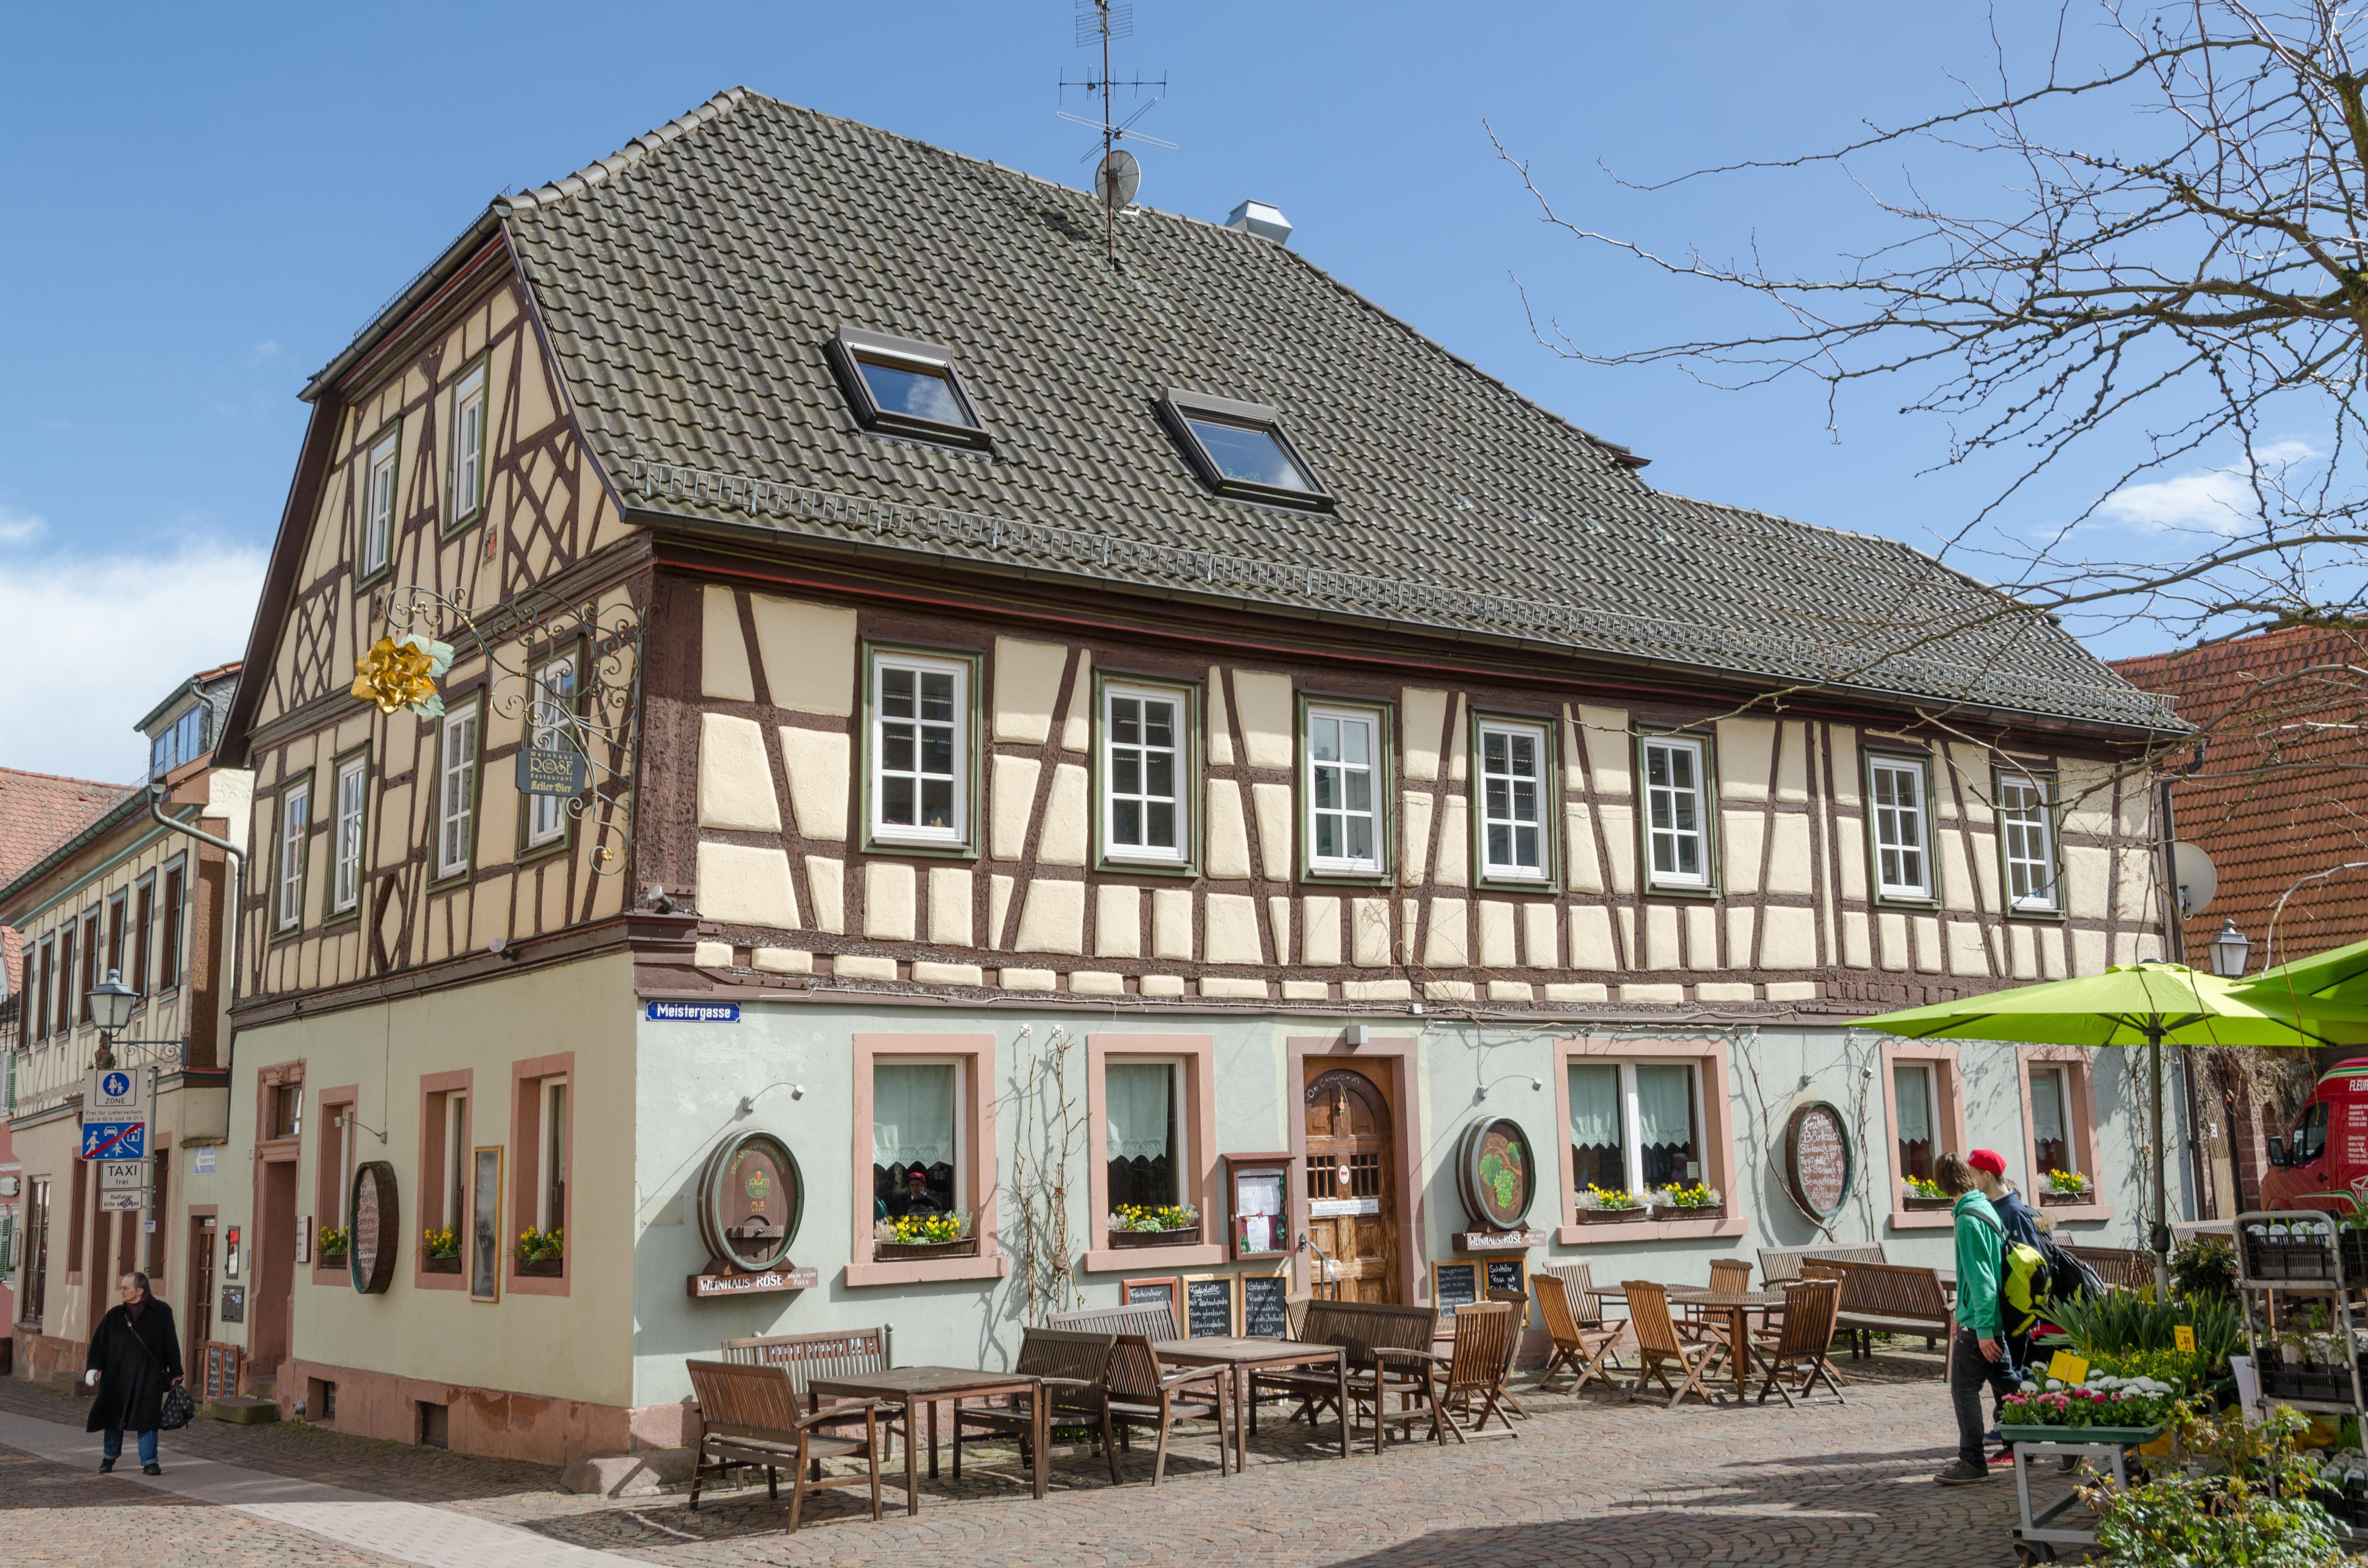 30 Party Weilheim in Oberbayern - Tolle Kontakte treffen